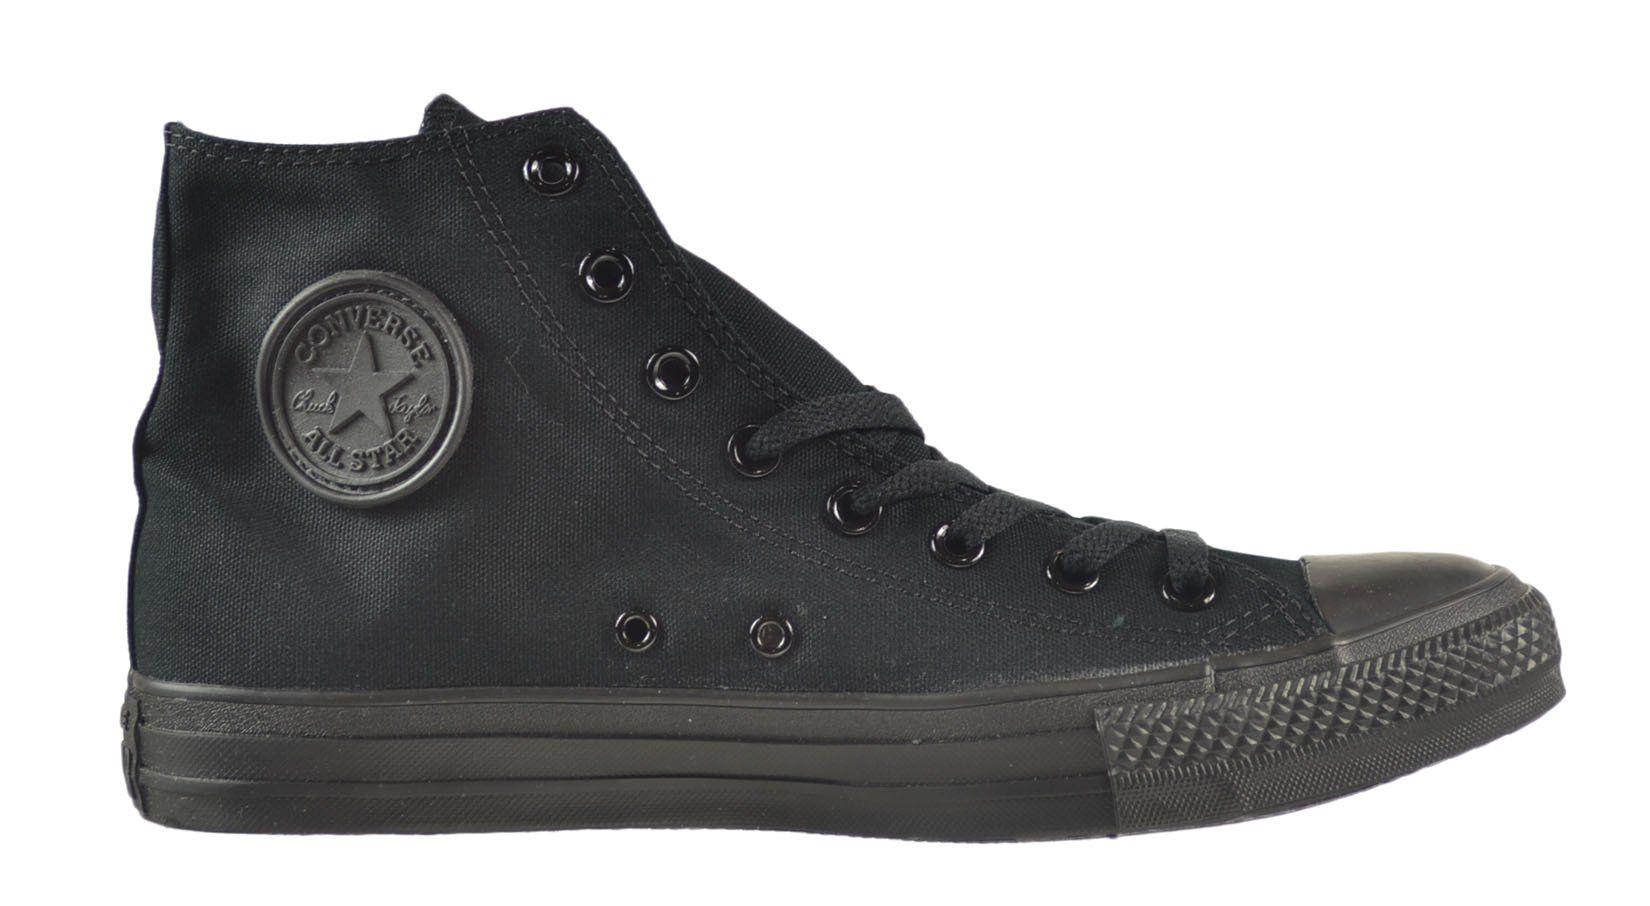 e3285c8d1c65 Converse Chuck Taylor All Star HI Unisex Shoes Black Monochrome ...